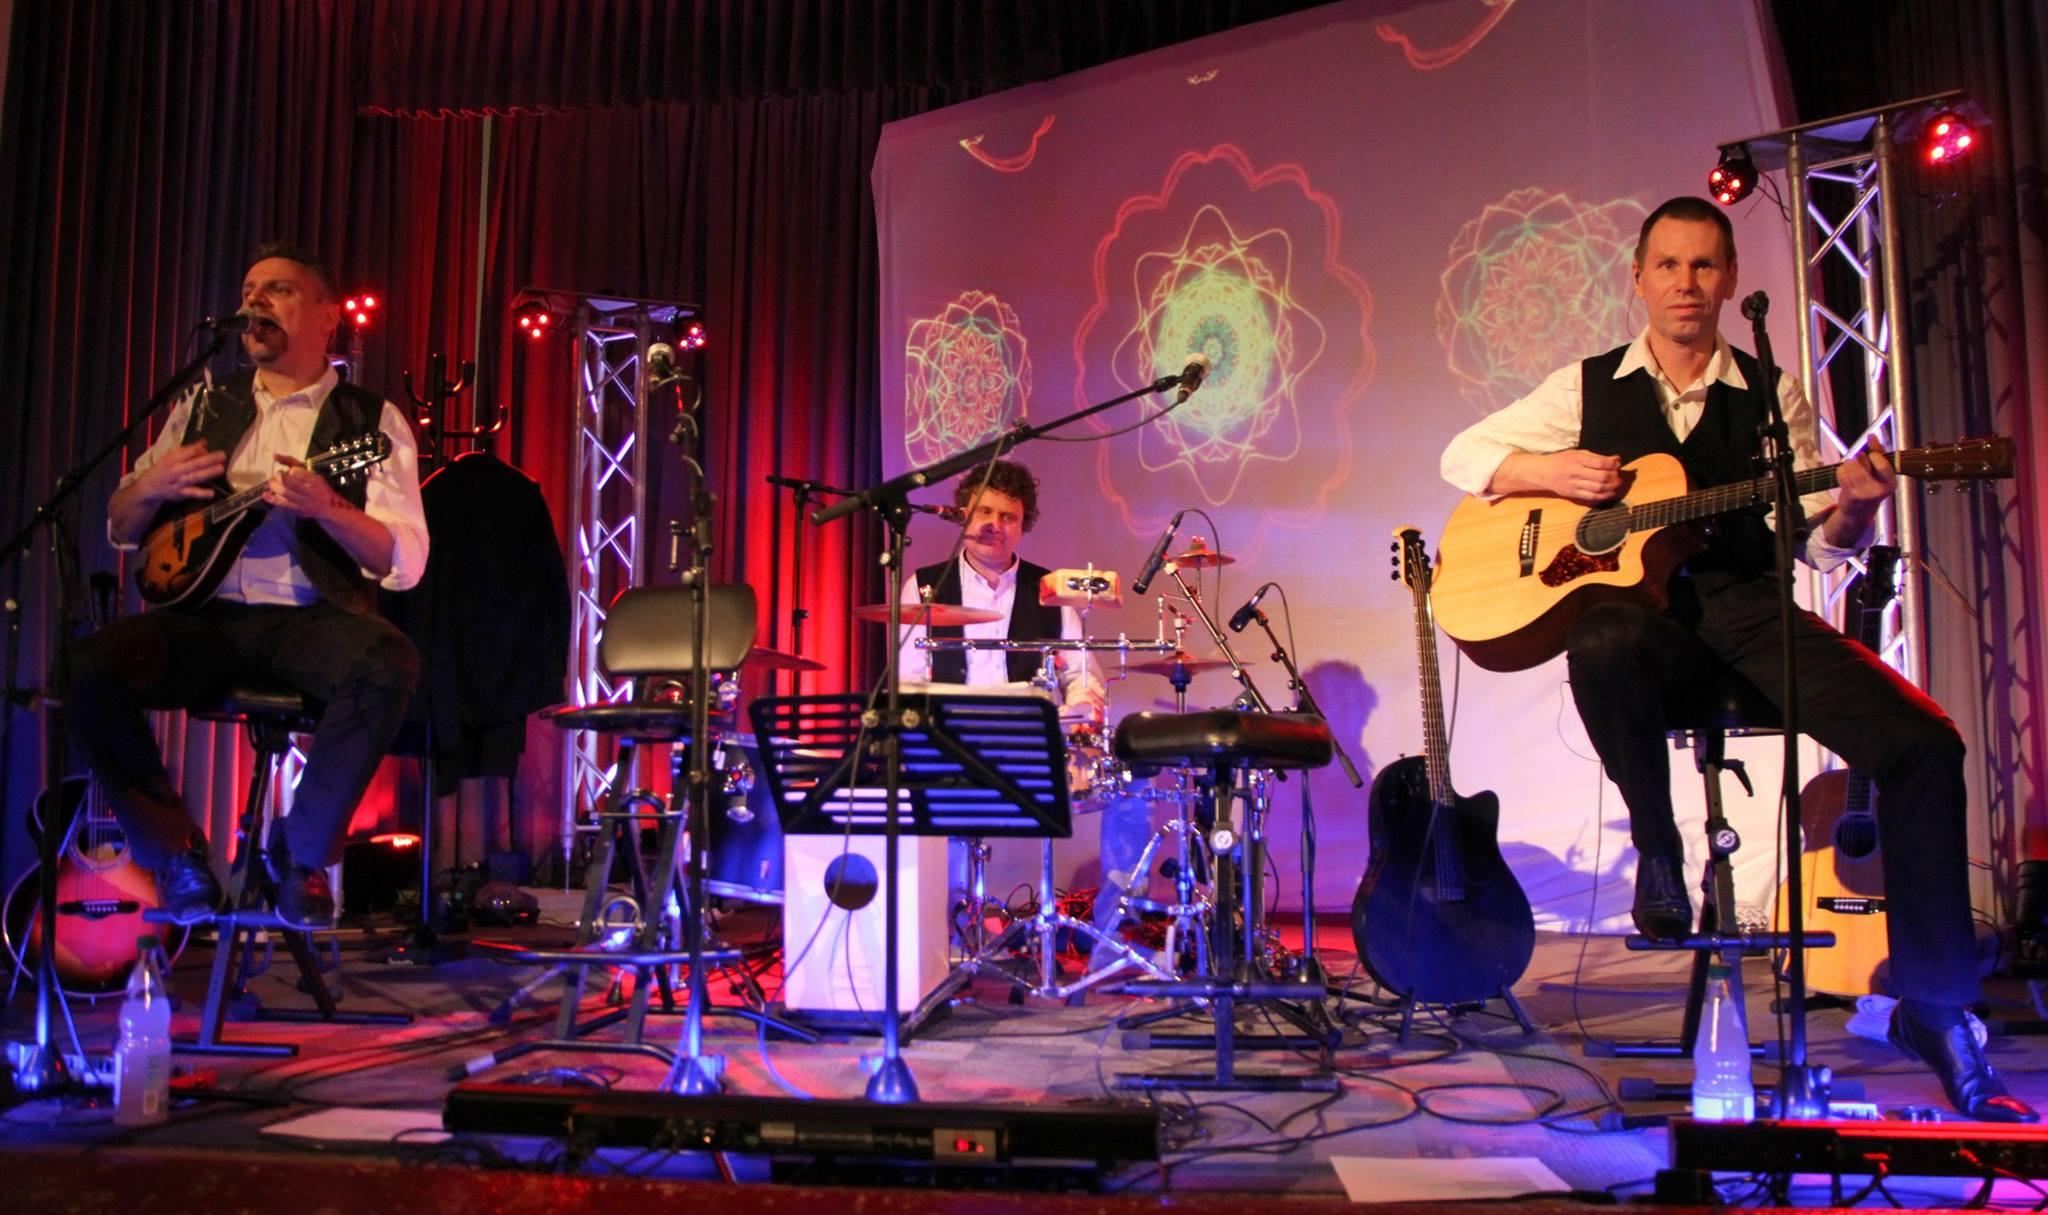 Die drei Musiker von Funcoustic auf der Bühne